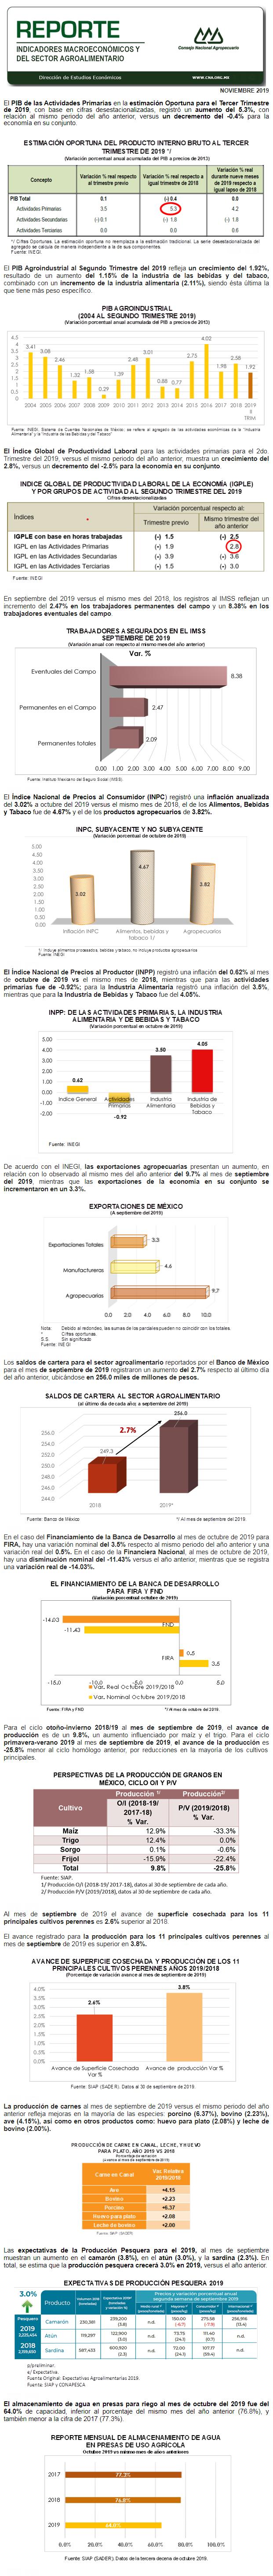 Reporte Indicadores Macroeconómicos y Sectoriales Noviembre 2019